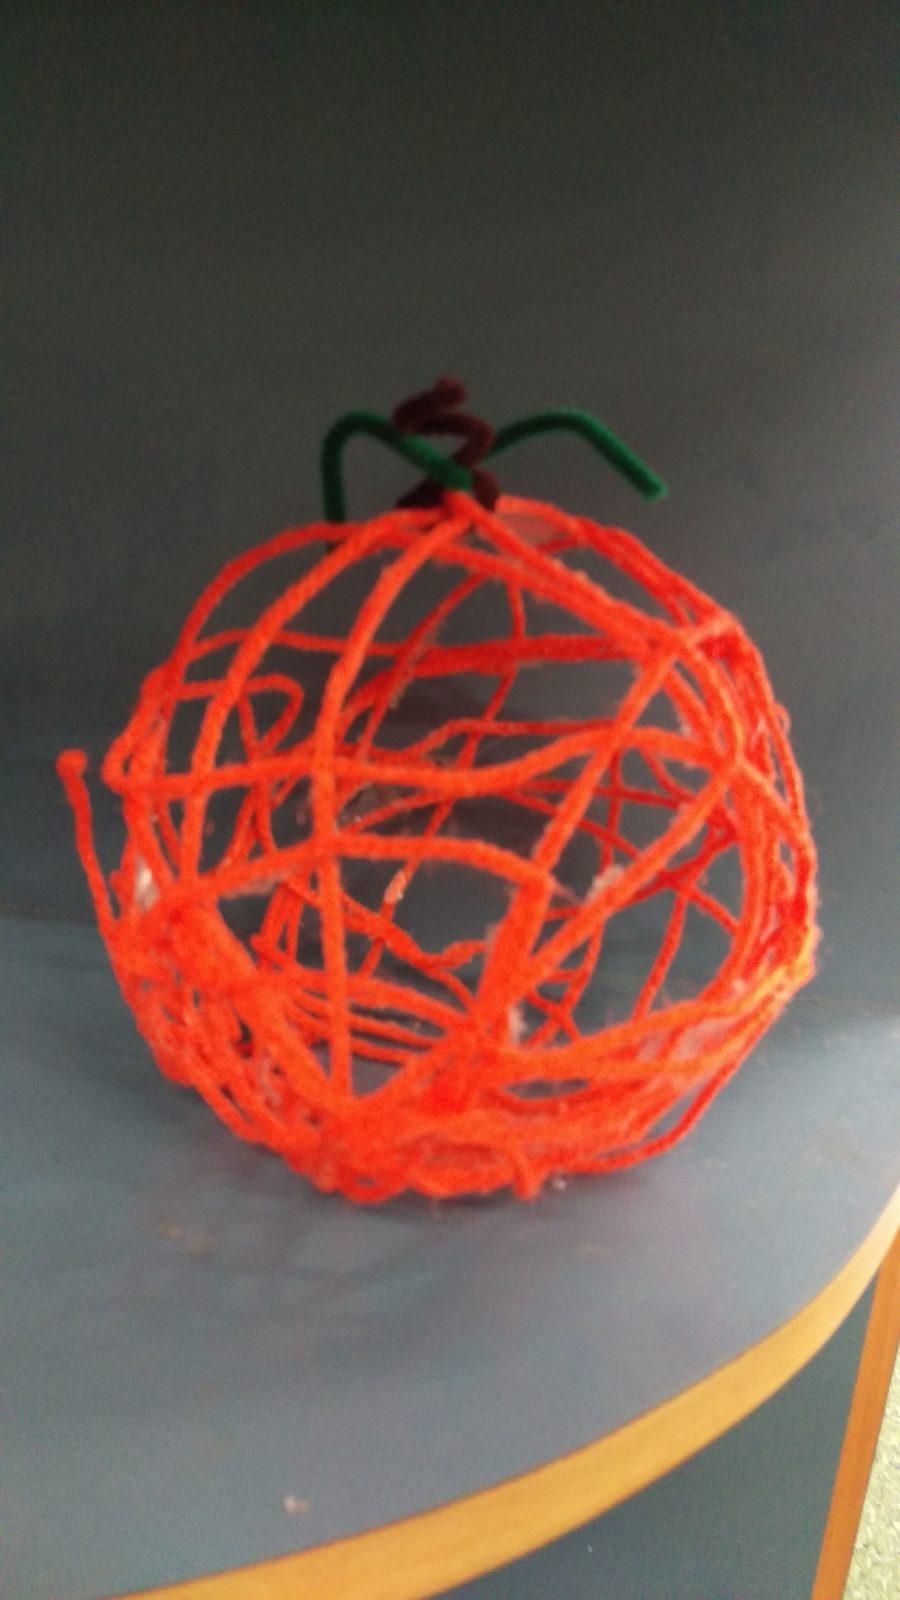 A Yarn Pumpkin